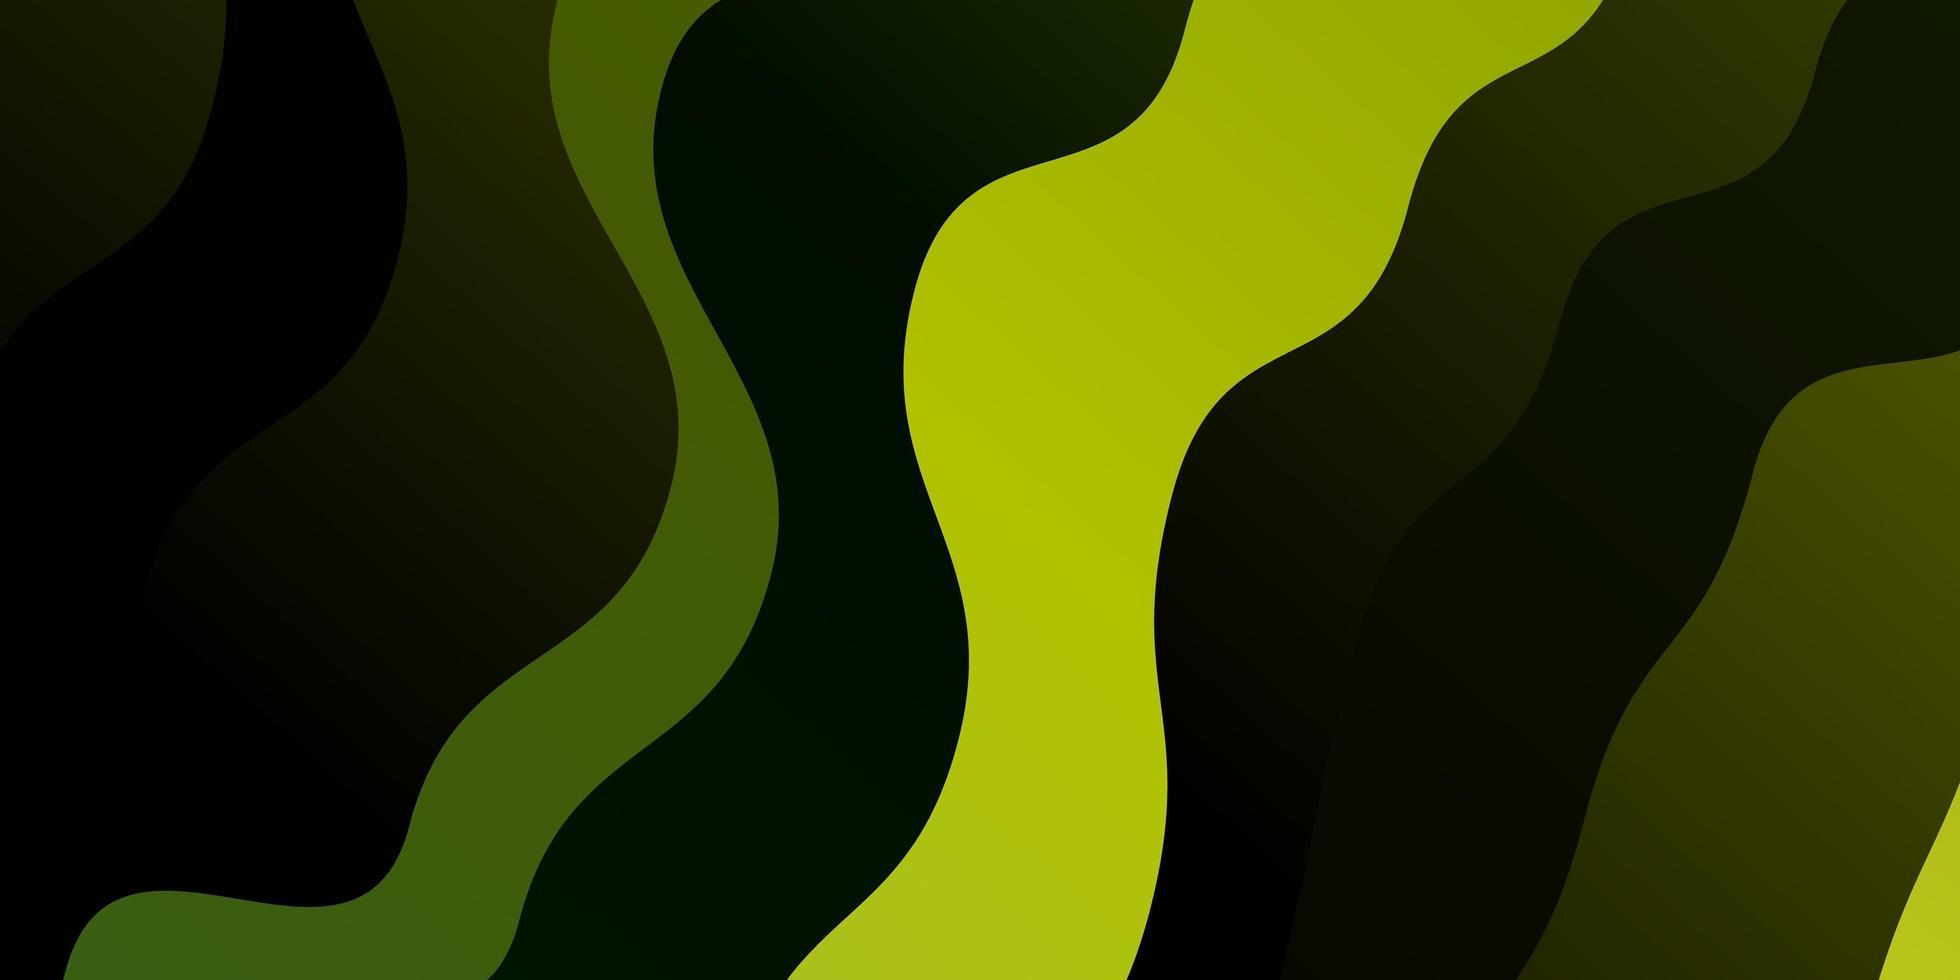 grüner Hintergrund mit gebogenen Linien. vektor